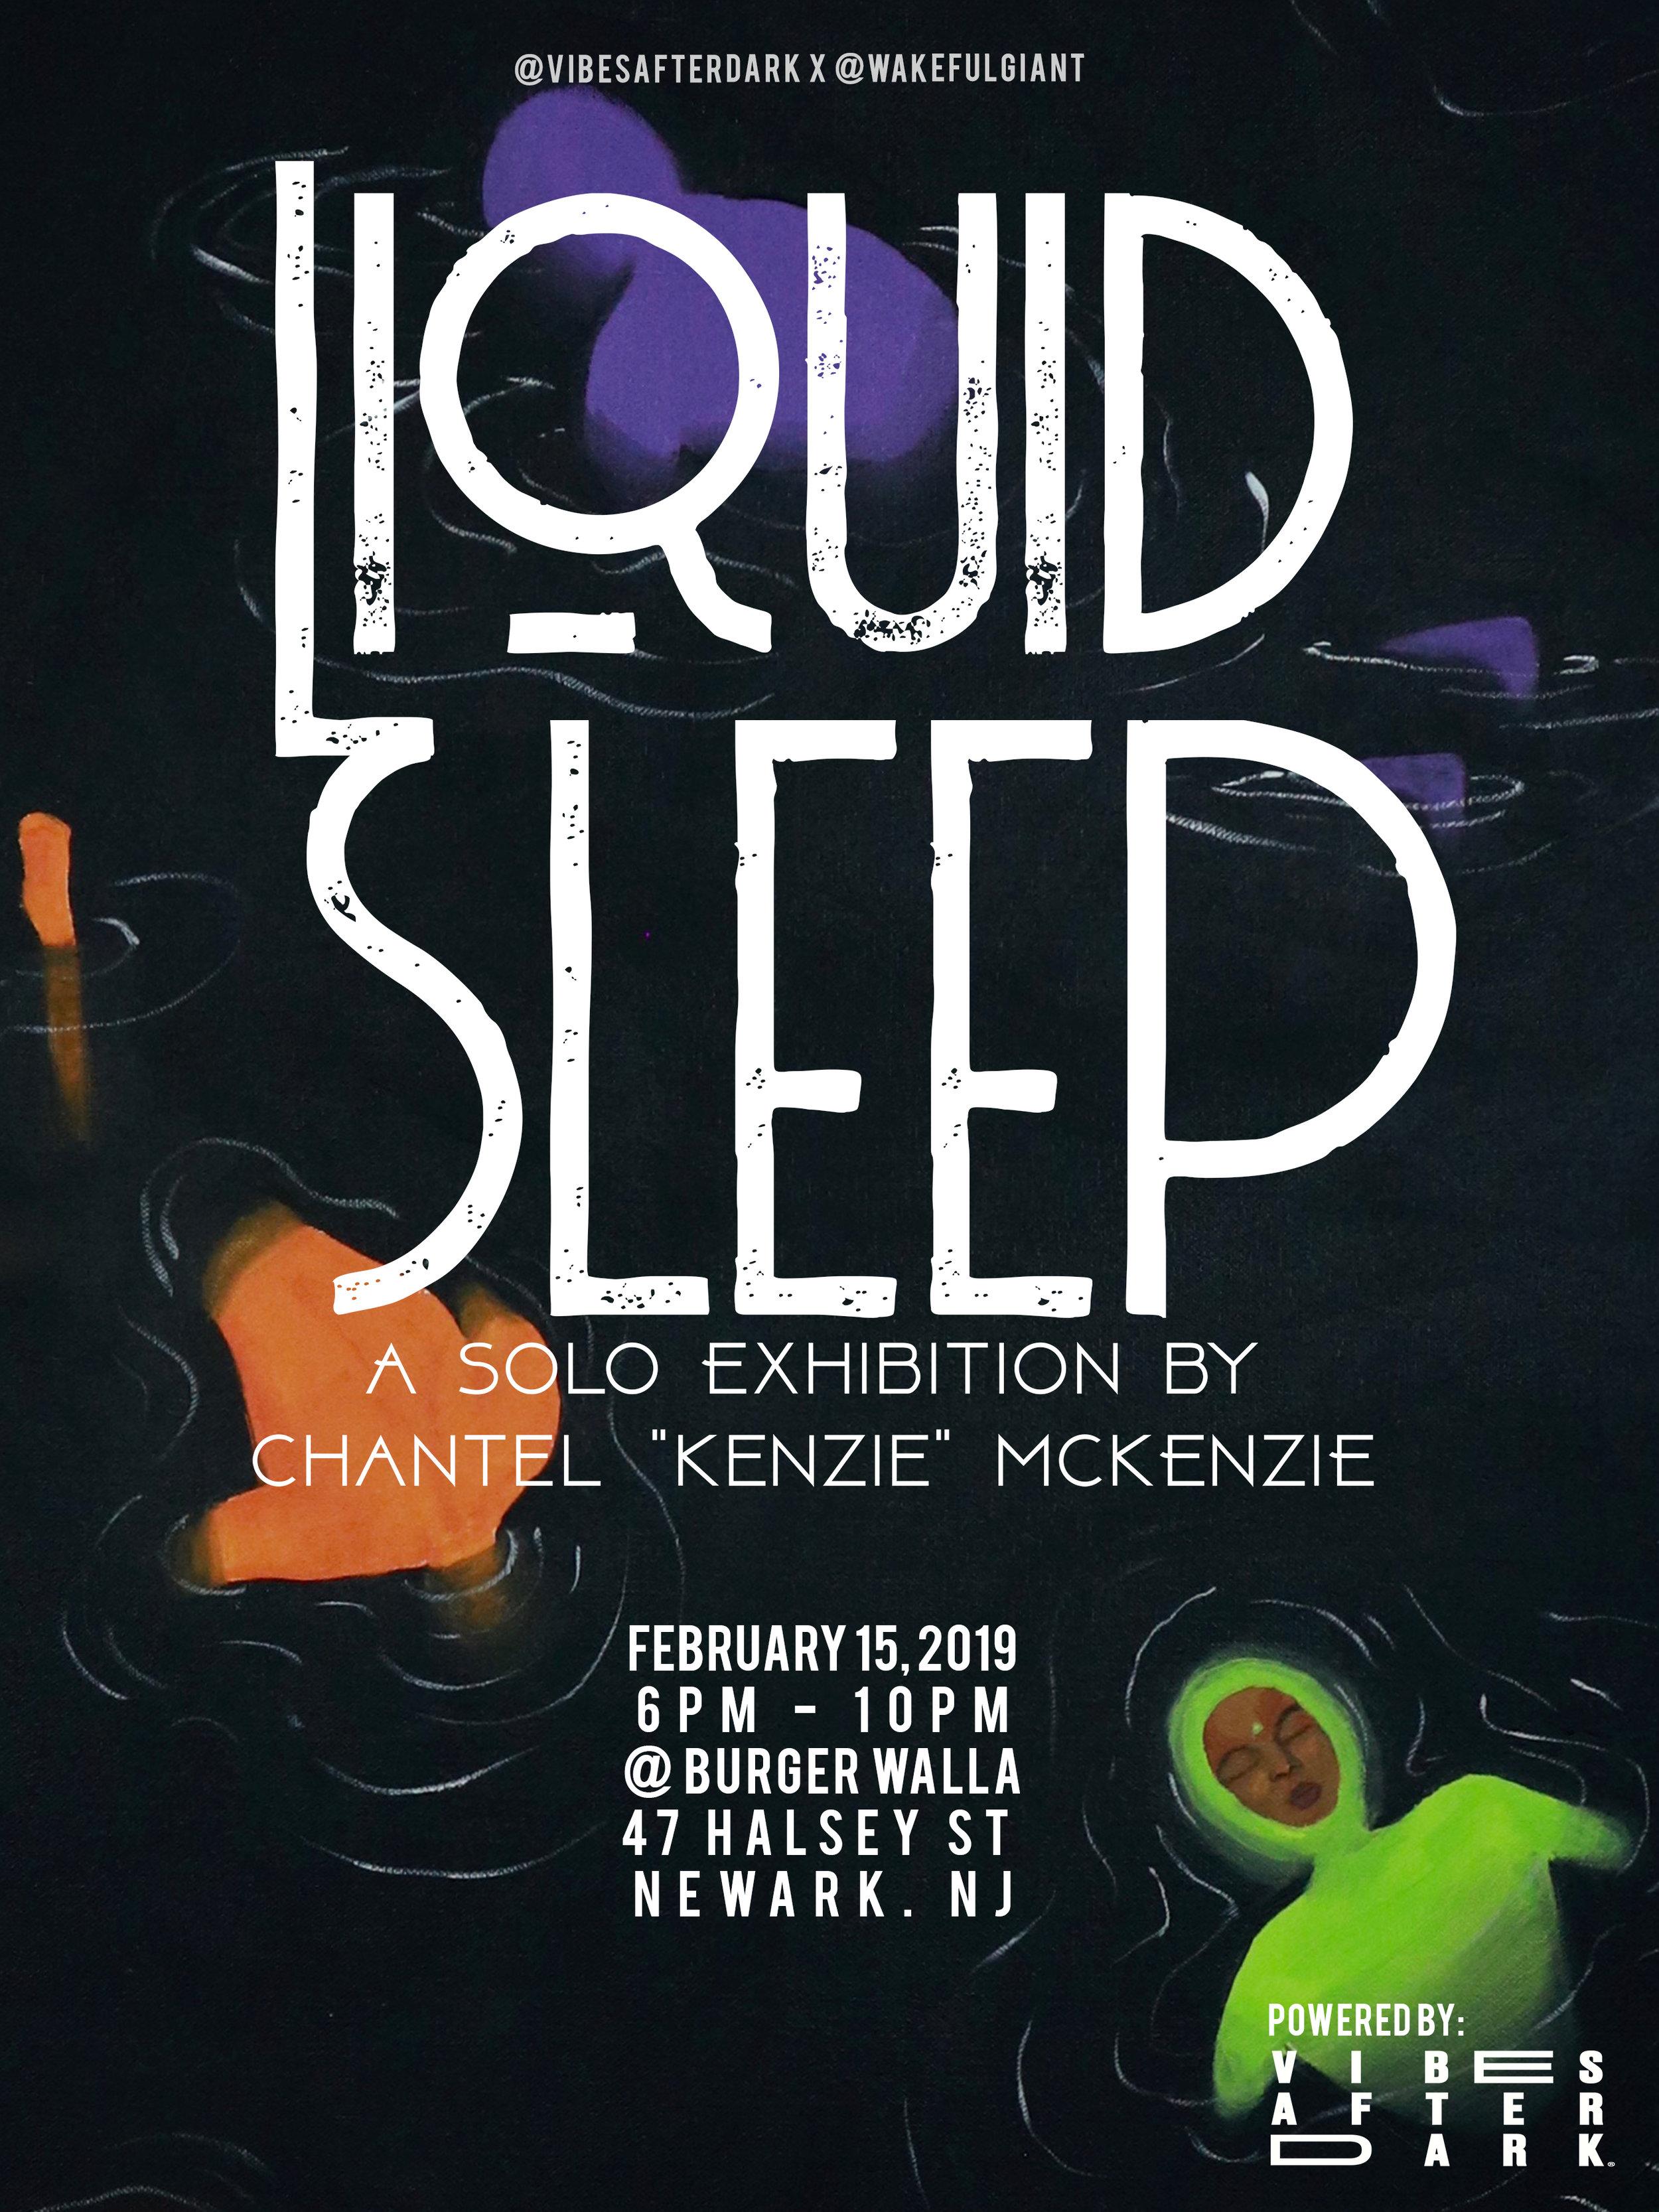 liquid-sleep-show-flyer.jpg